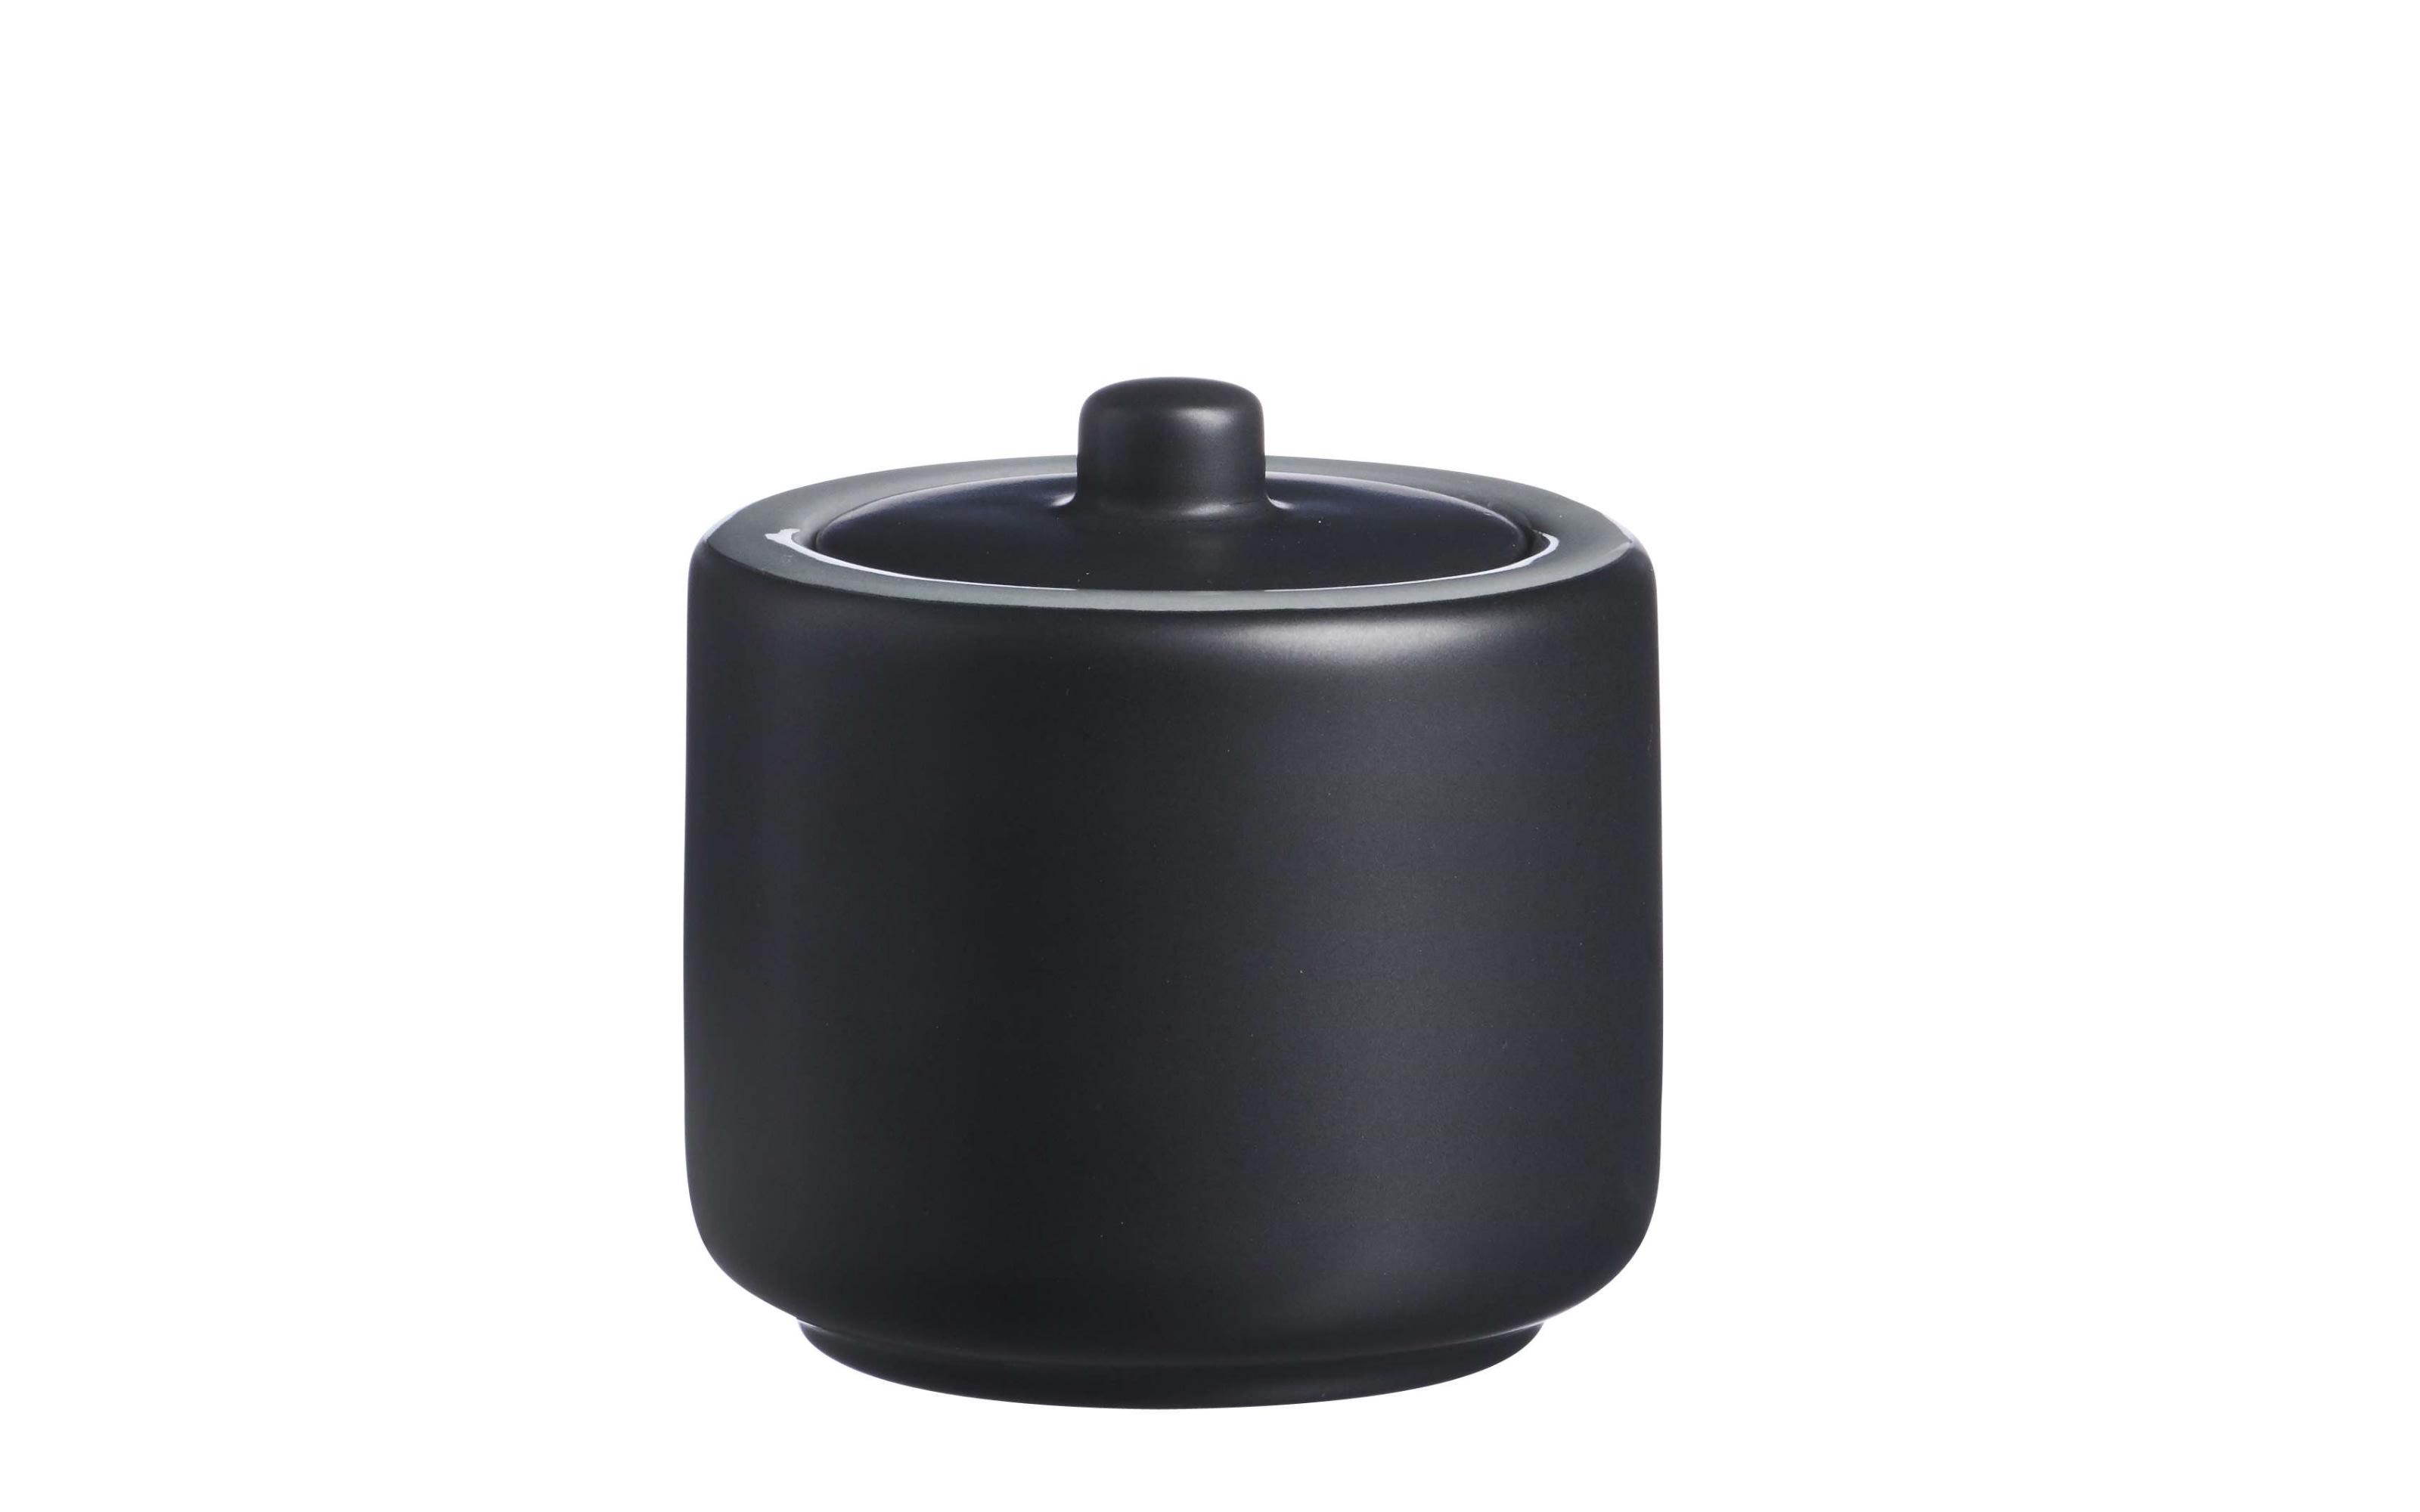 Zuckerdose Jasper in schwarz